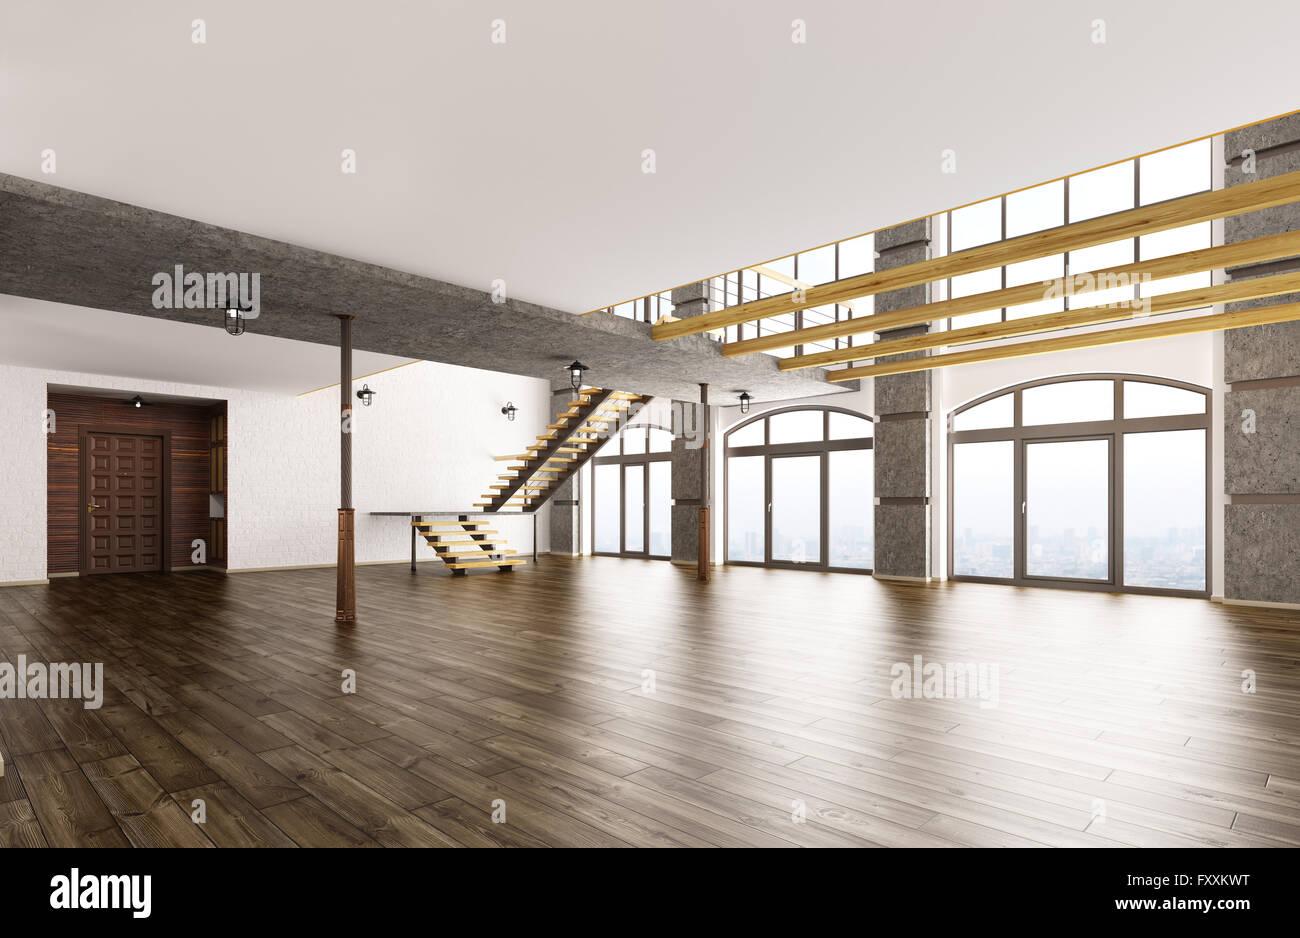 Leere Innenraum Des Loft Wohnung Wohnzimmer Wohnzimmer Flur Treppe,  3D Rendering